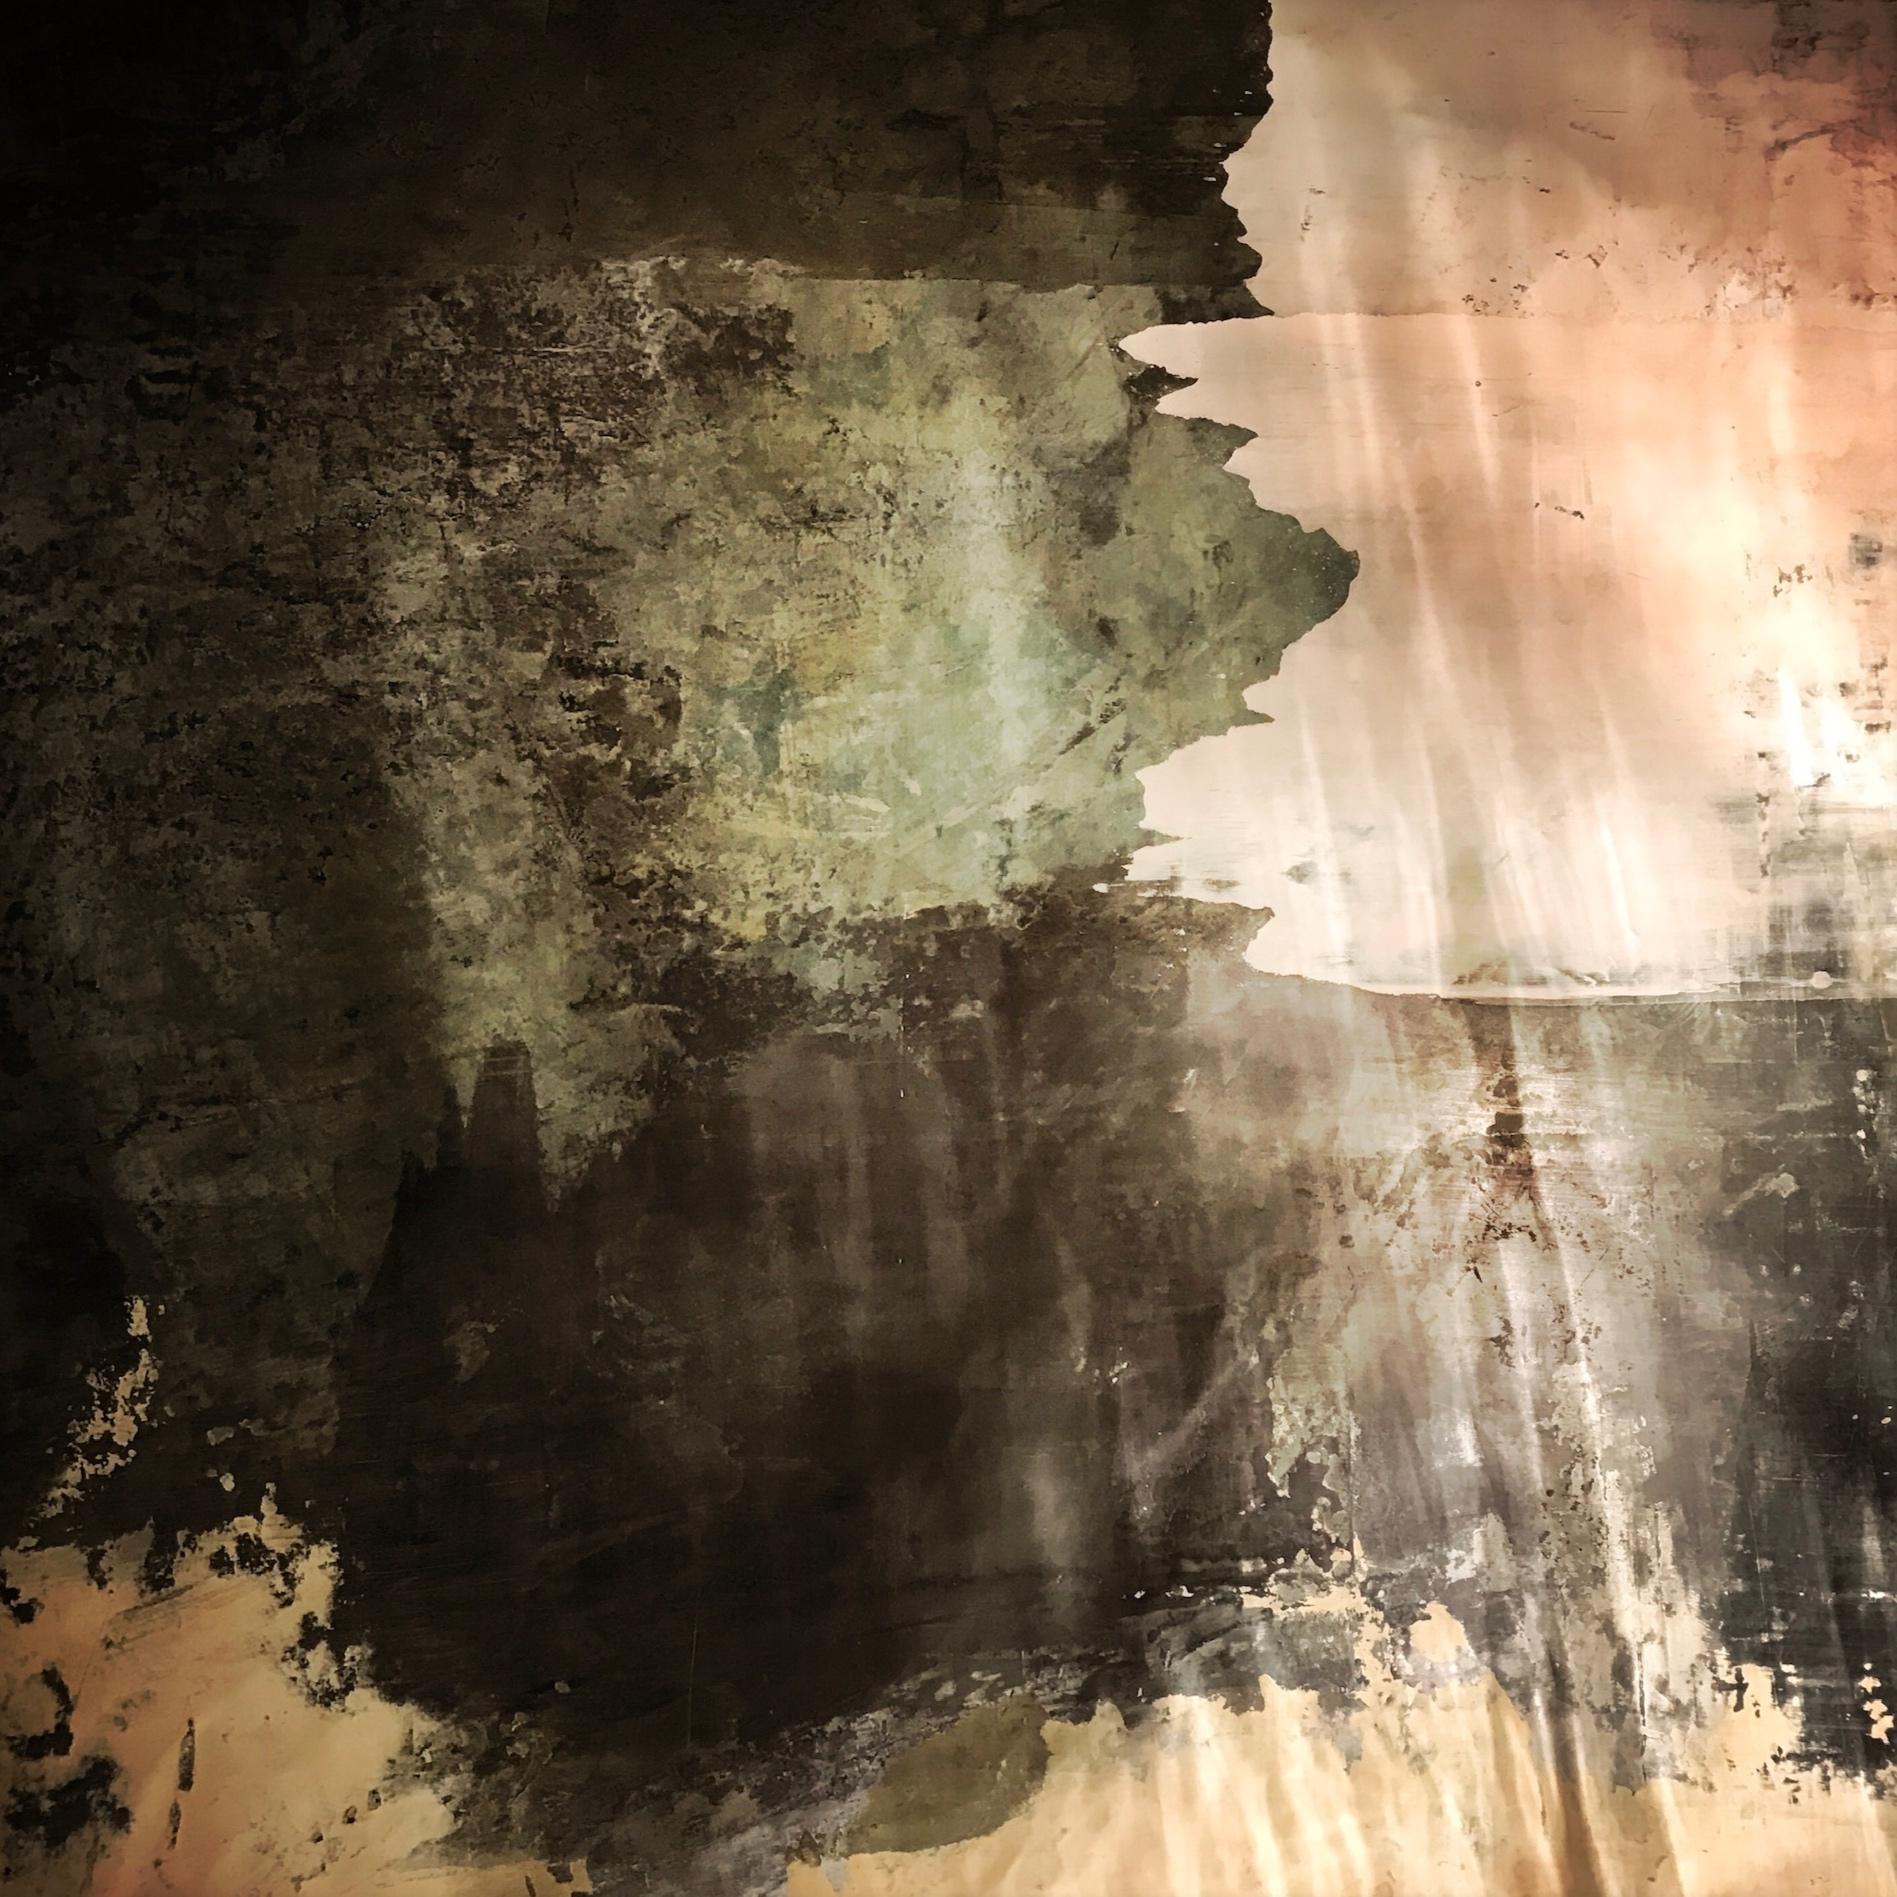 Ungdomsrum - Detalj av väggmålning.